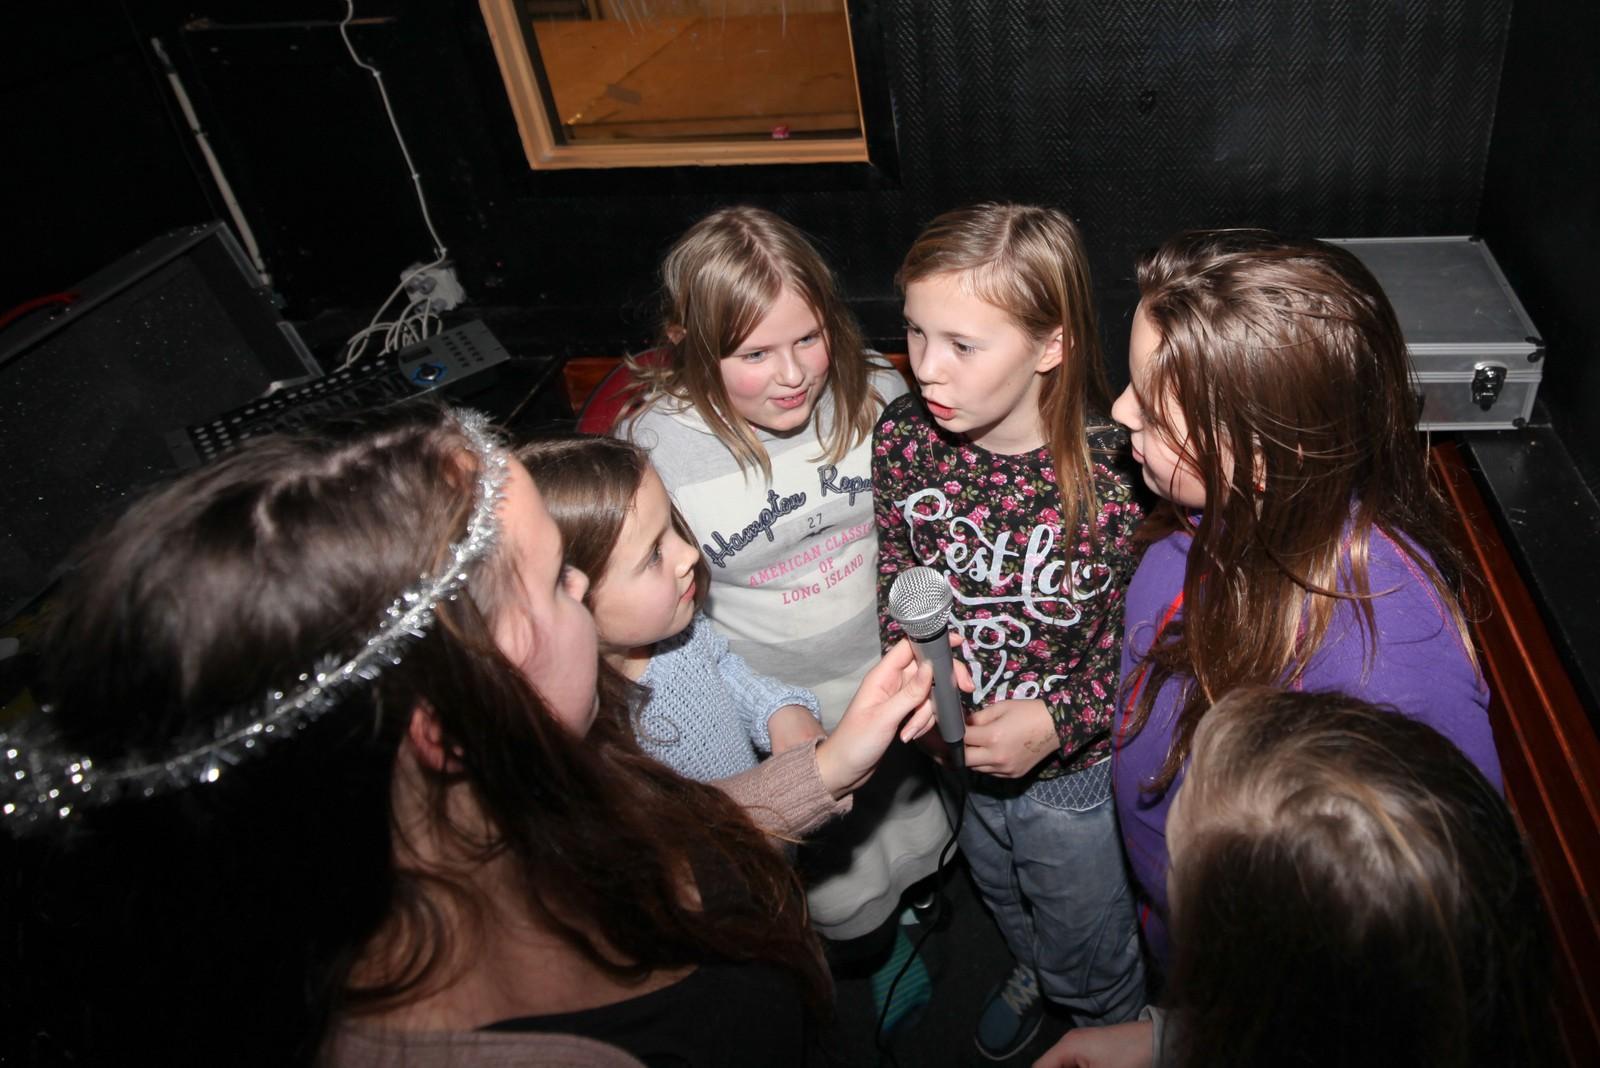 Tid for karaoke på juniorklubben. Fra venstre: Klubbarbeider Marthe Ellingsen (med glitter), Eline Horndal Ankil, Thea Lovise Strand, Celina Kristensen, Nora Madsen Seferagic og Linnea Olsen (delvis synlig).